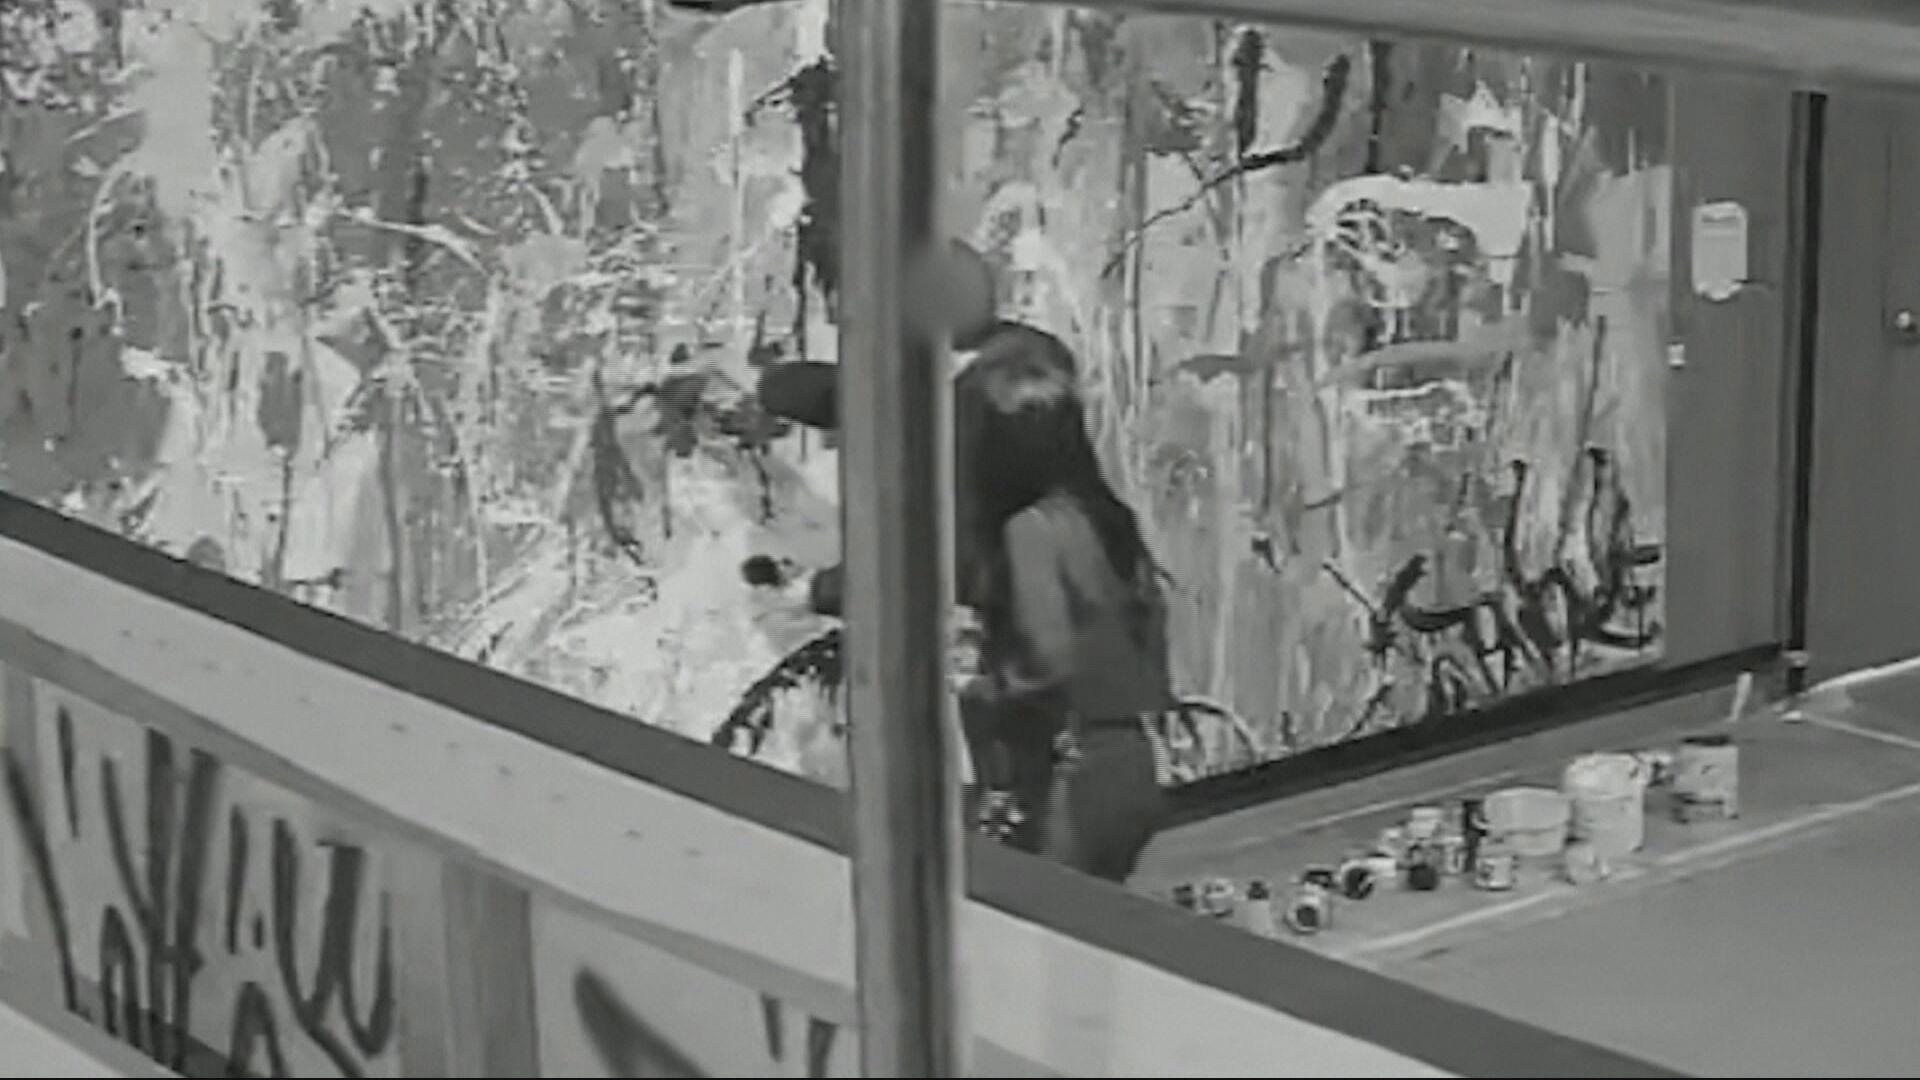 Câmeras flagram momento em que casal joga tinta em quadro que estava em galeria